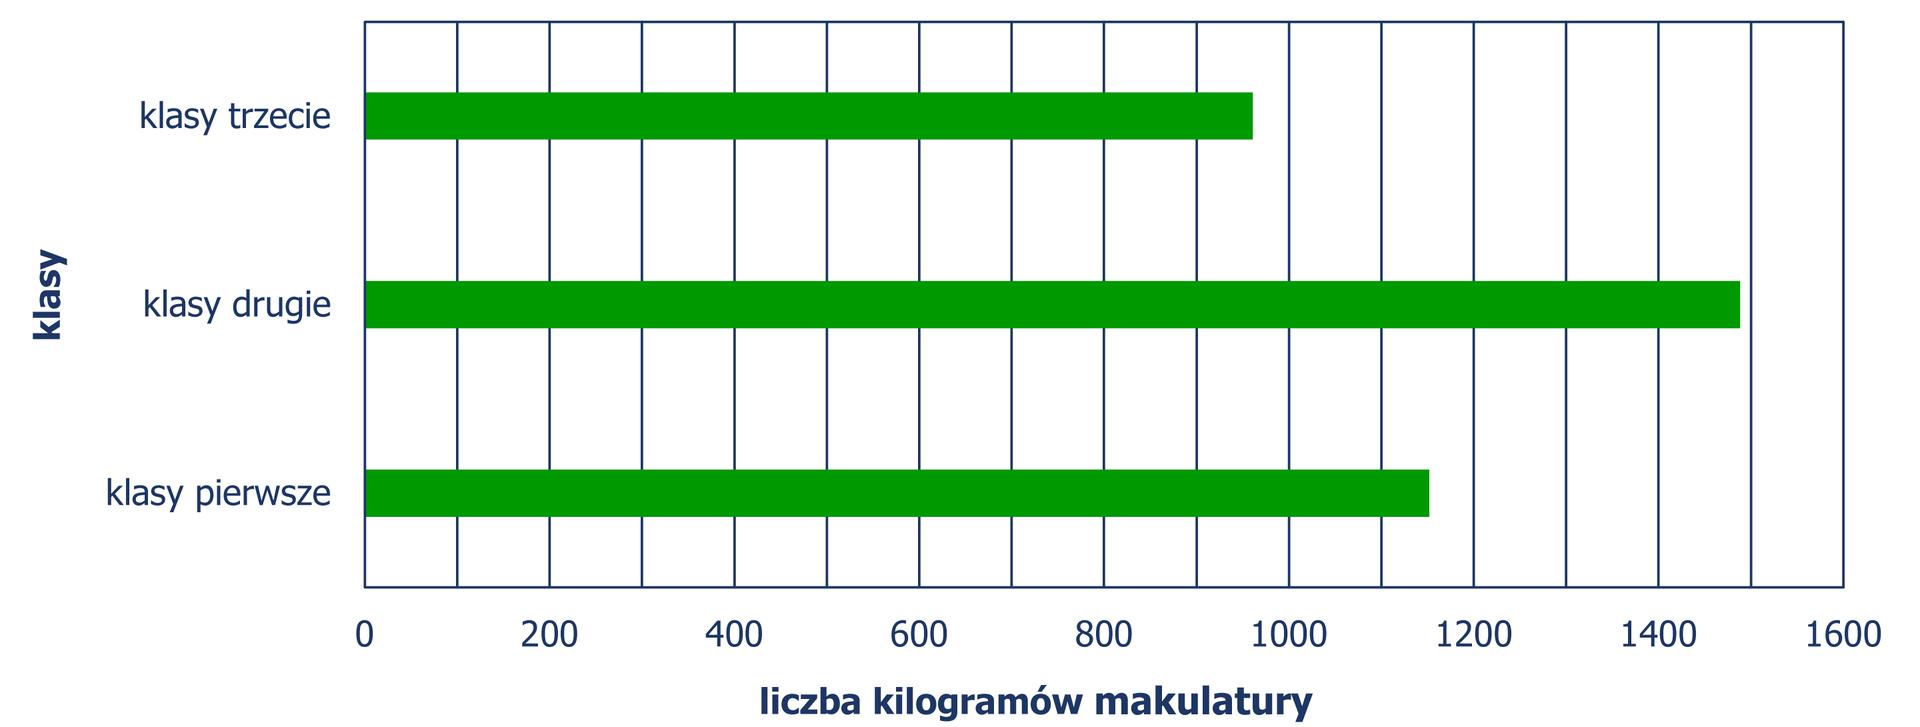 Diagram słupkowy poziomy, zktórego odczytujemy liczbę kilogramów makulatury wpodziale na klasy pierwsze, drugie, trzecie. Klasy pierwsze – 1152 kg, klasy drugie – 1488 kg, klasy trzecie – 961 kg. Diagram jest rozwiązaniem zadania.